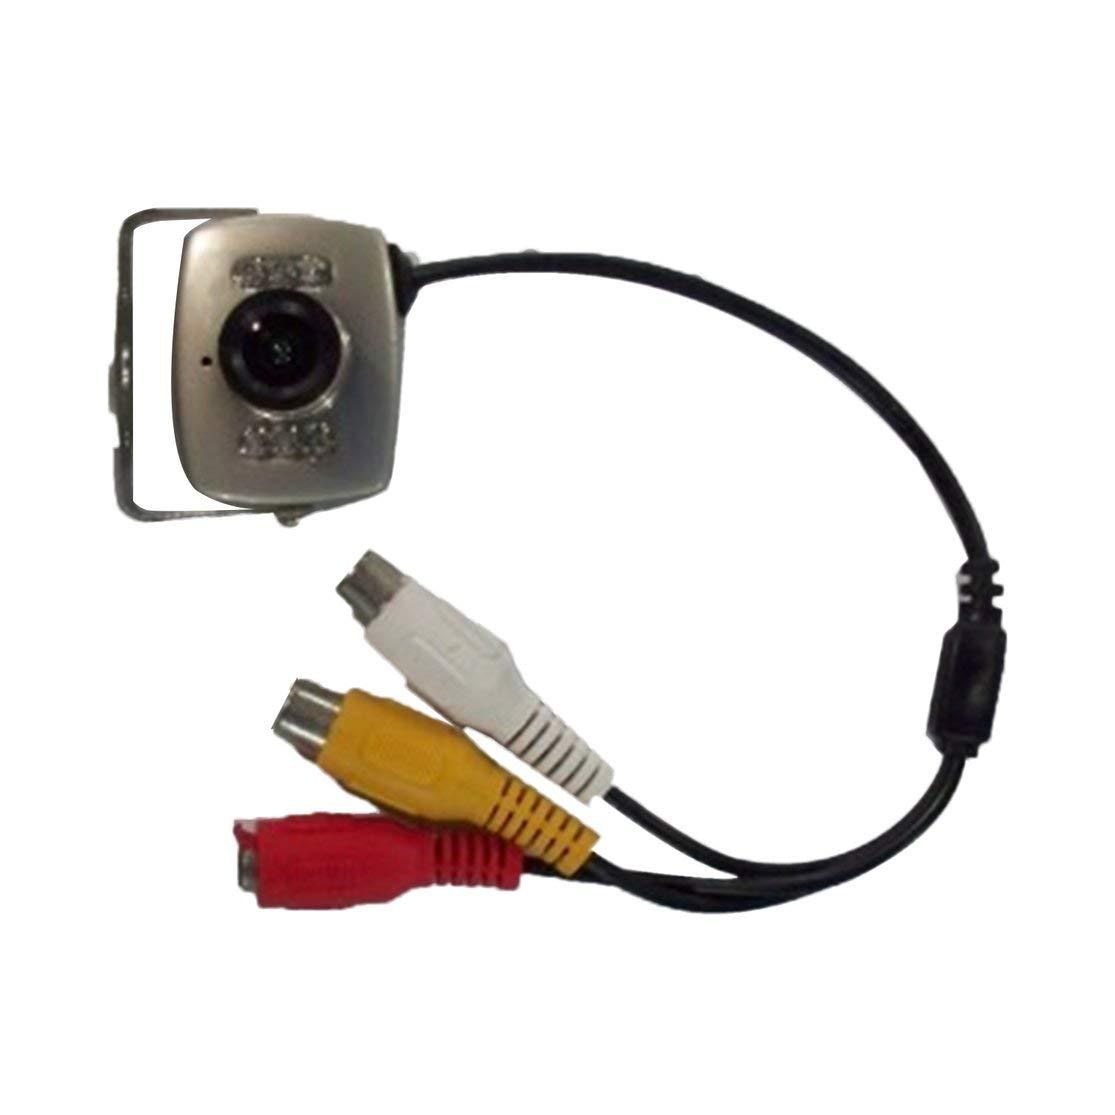 Mini c/ámara C/ámara de Video de vigilancia de Seguridad de visi/ón Nocturna por Infrarrojos 420 l/íneas de TV Sensor CMOS Videoc/ámaras con Lente de 3.6 mm Kaemma Color:Silver